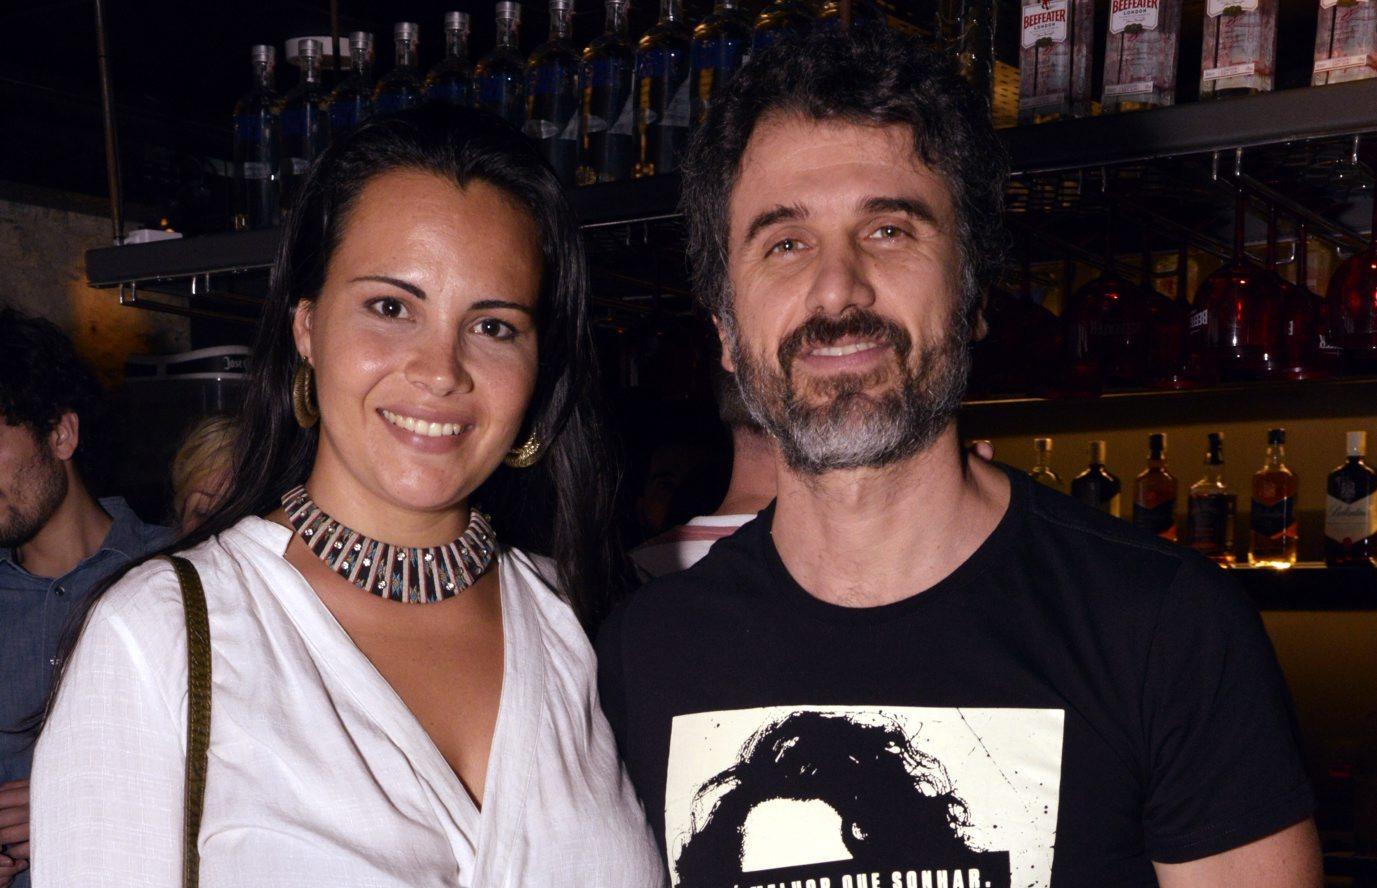 Eriberto Leão assiste  show do cantor  Otto, no Rio